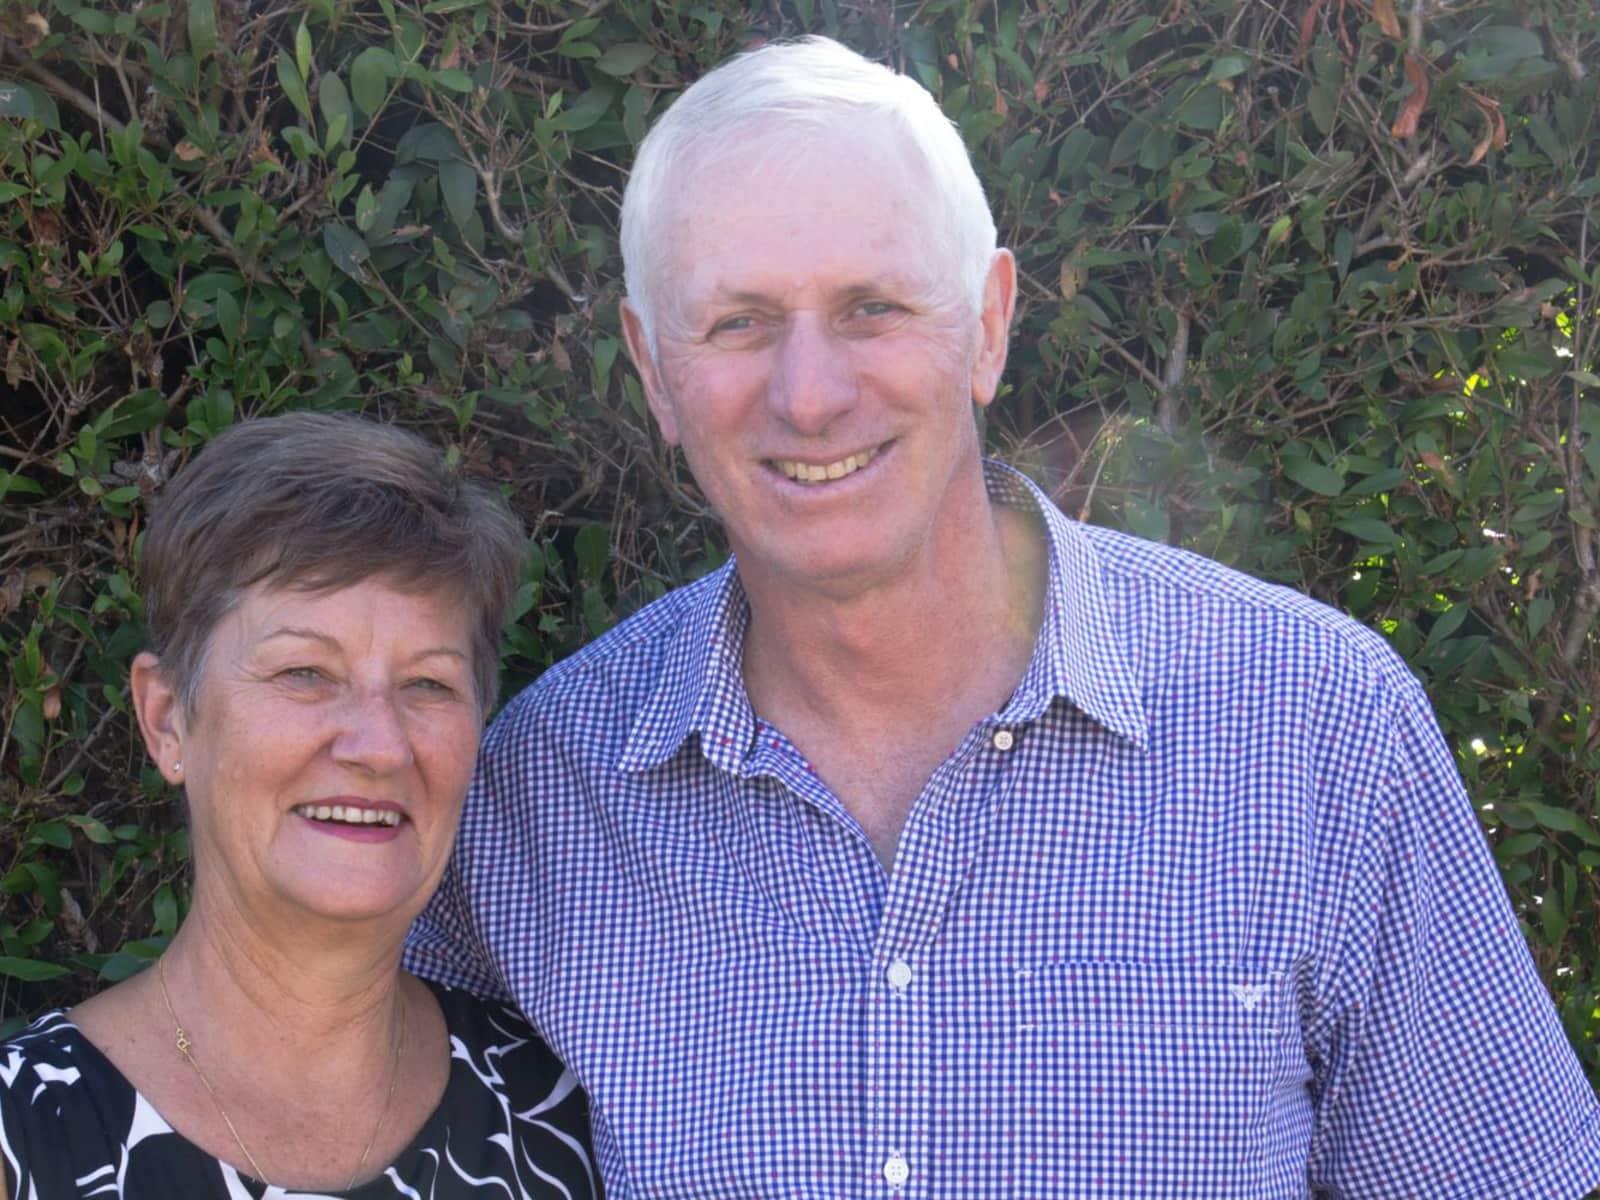 Cherylynne & Ian from Perth, Western Australia, Australia